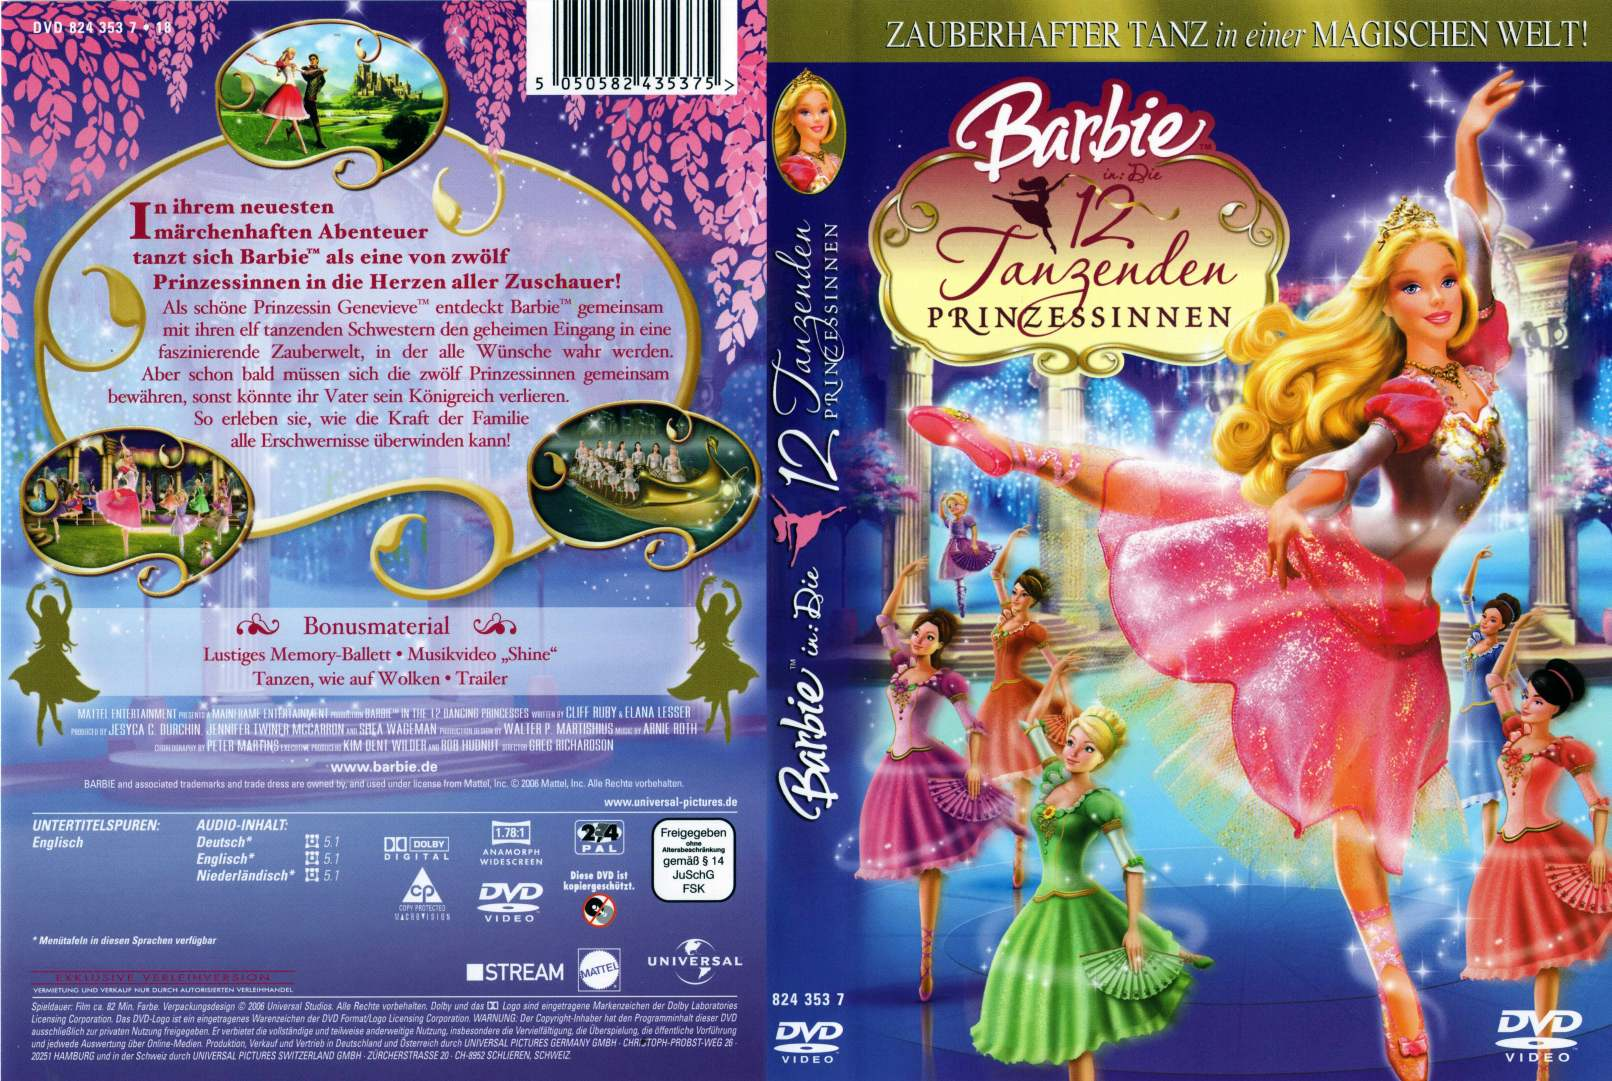 barbie 12 tanzende prinzessinnen